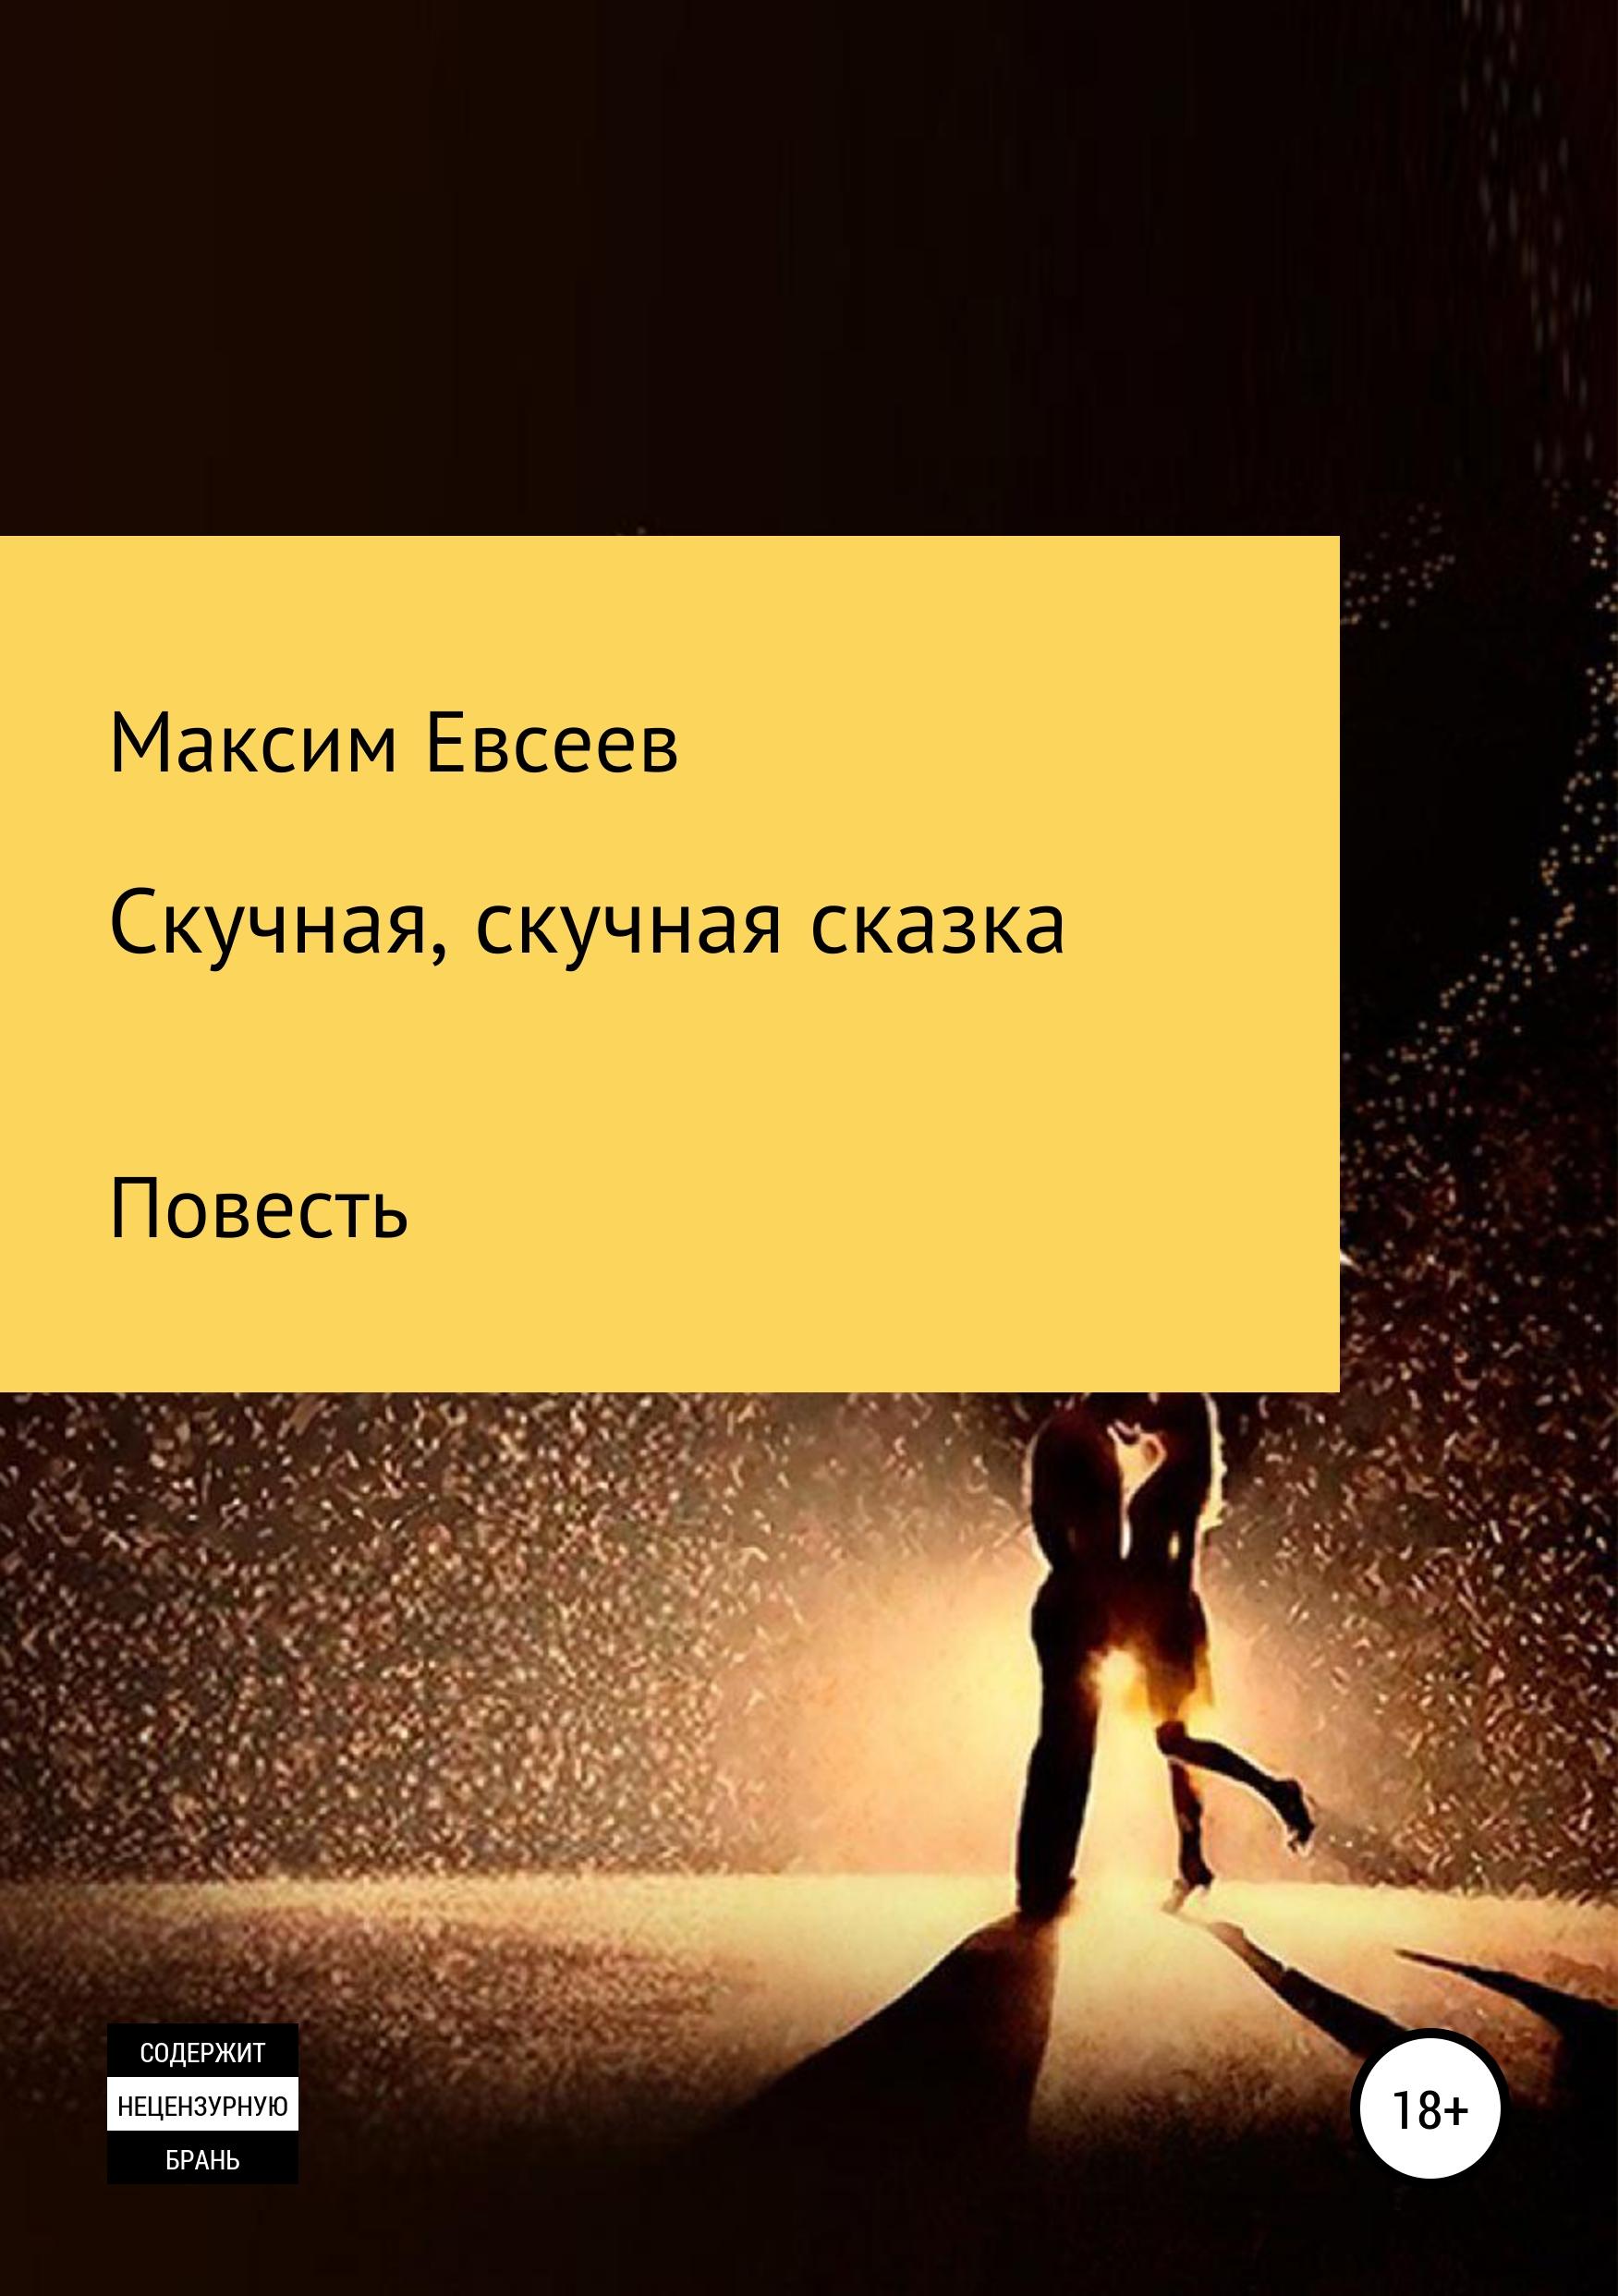 Максим Сергеевич Евсеев Скучная, скучная сказка